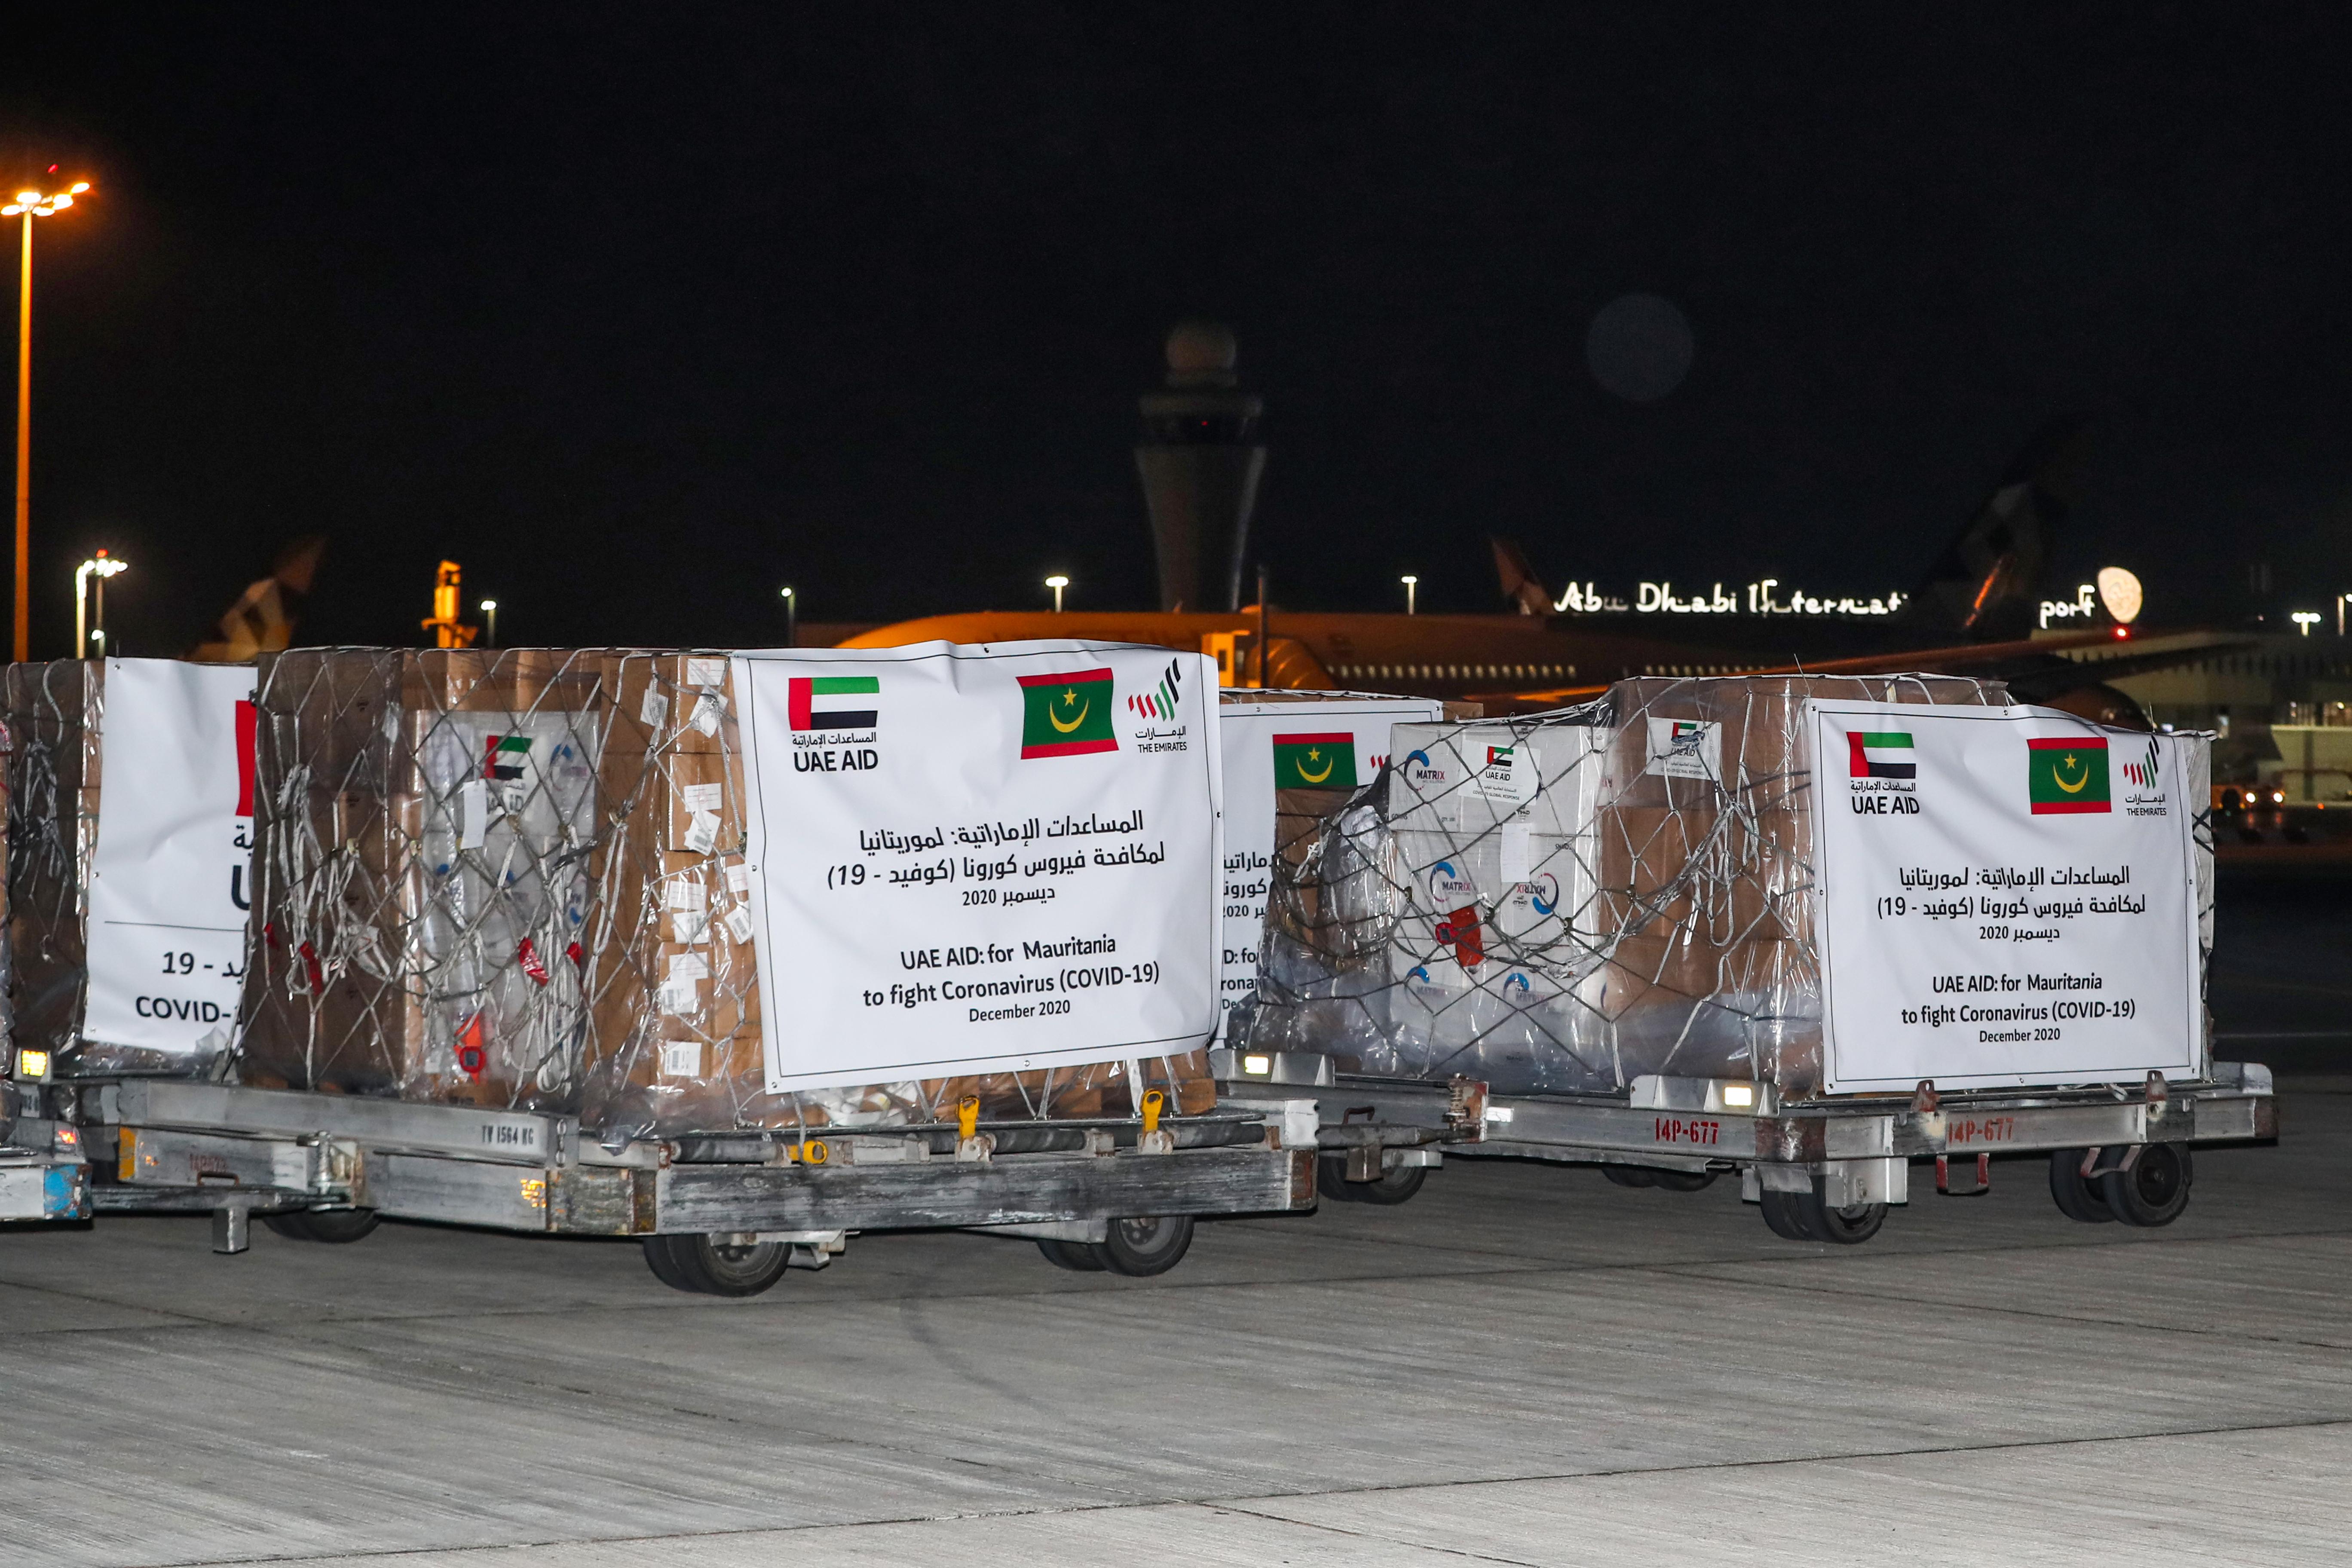 """في إطار توجيهات محمد بن زايد .. الإمارات تقدم مساعدات طبية عاجلة لموريتانيا لدعم جهودها في احتواء """"كوفيد - 19"""""""